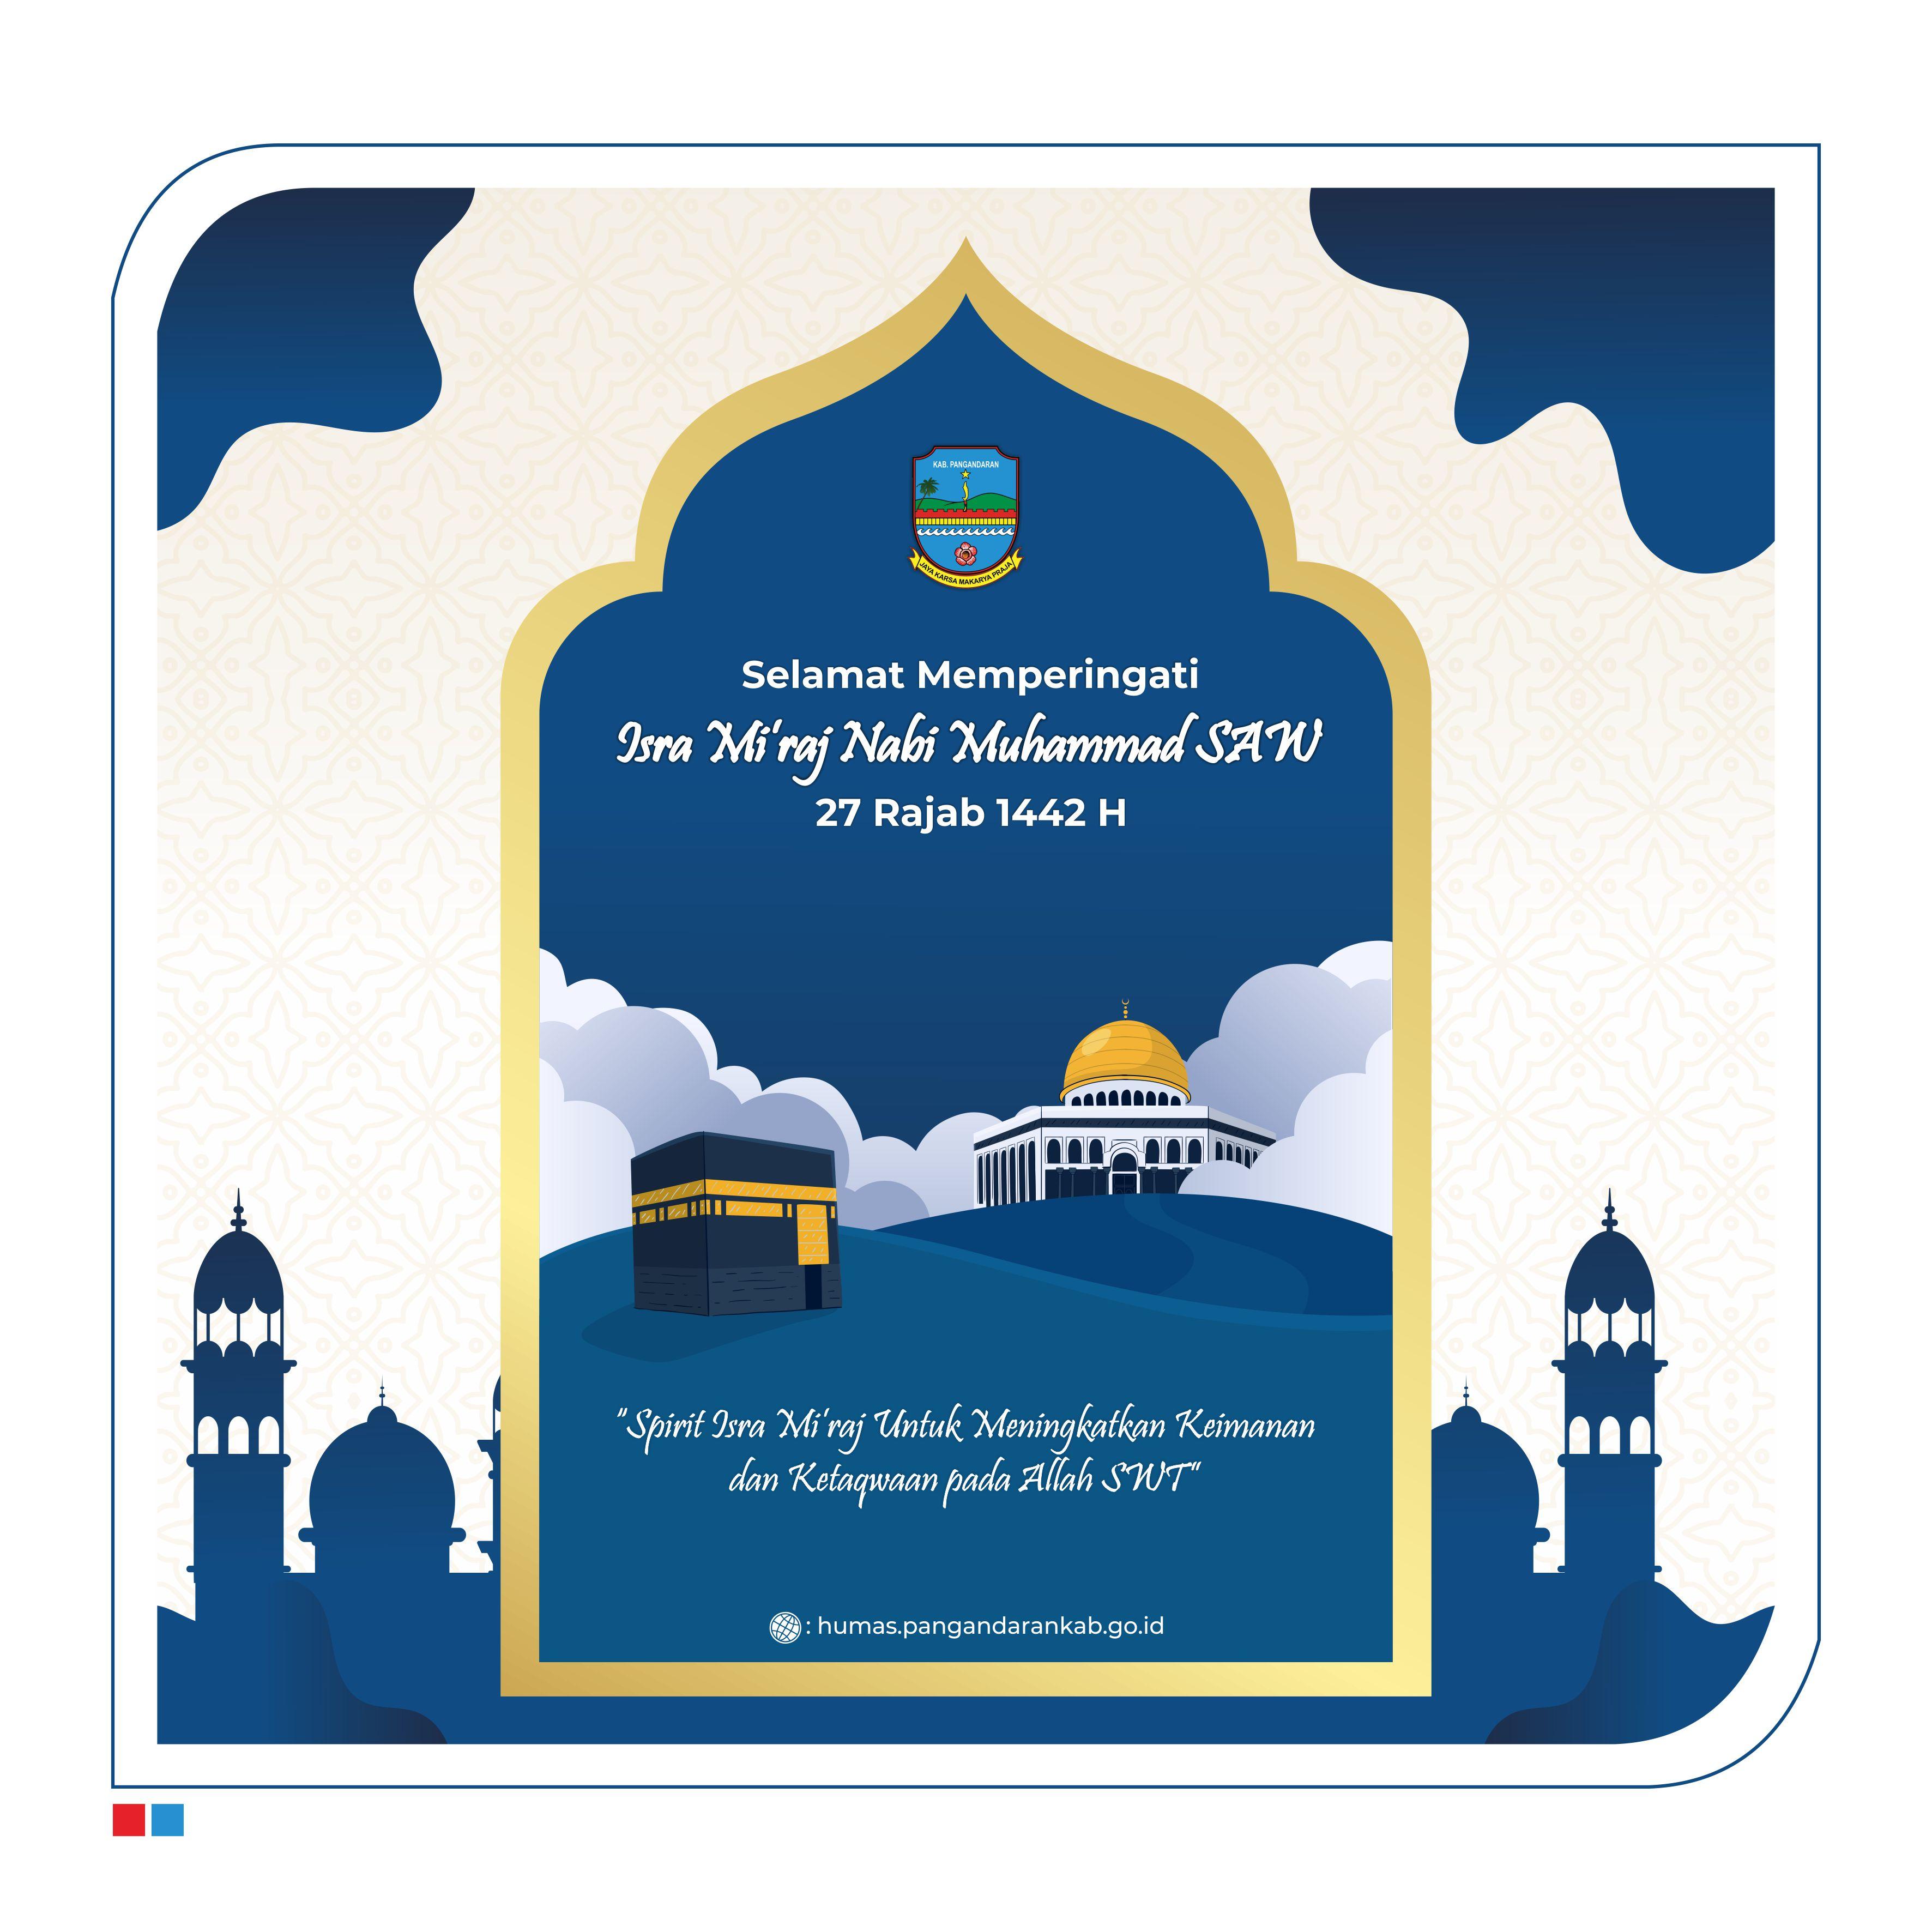 Selamat Memperingati Isra Mi'raj Nabi Muhammad SAW